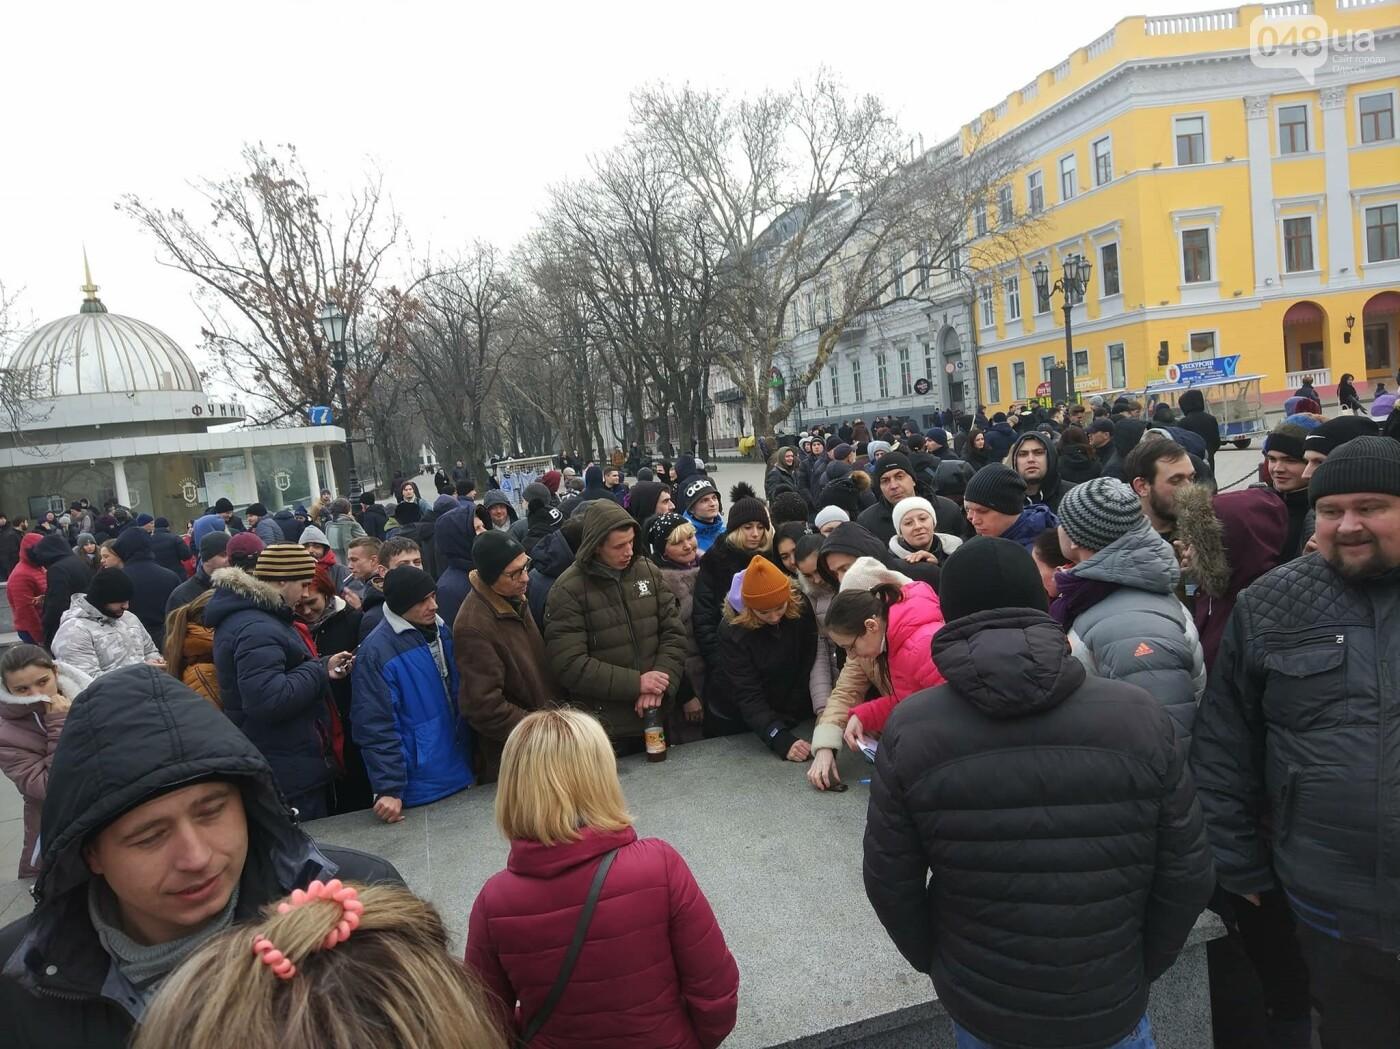 Выборы президента - в Одессе собрали митинг за несуществующего кандидата - фото 6